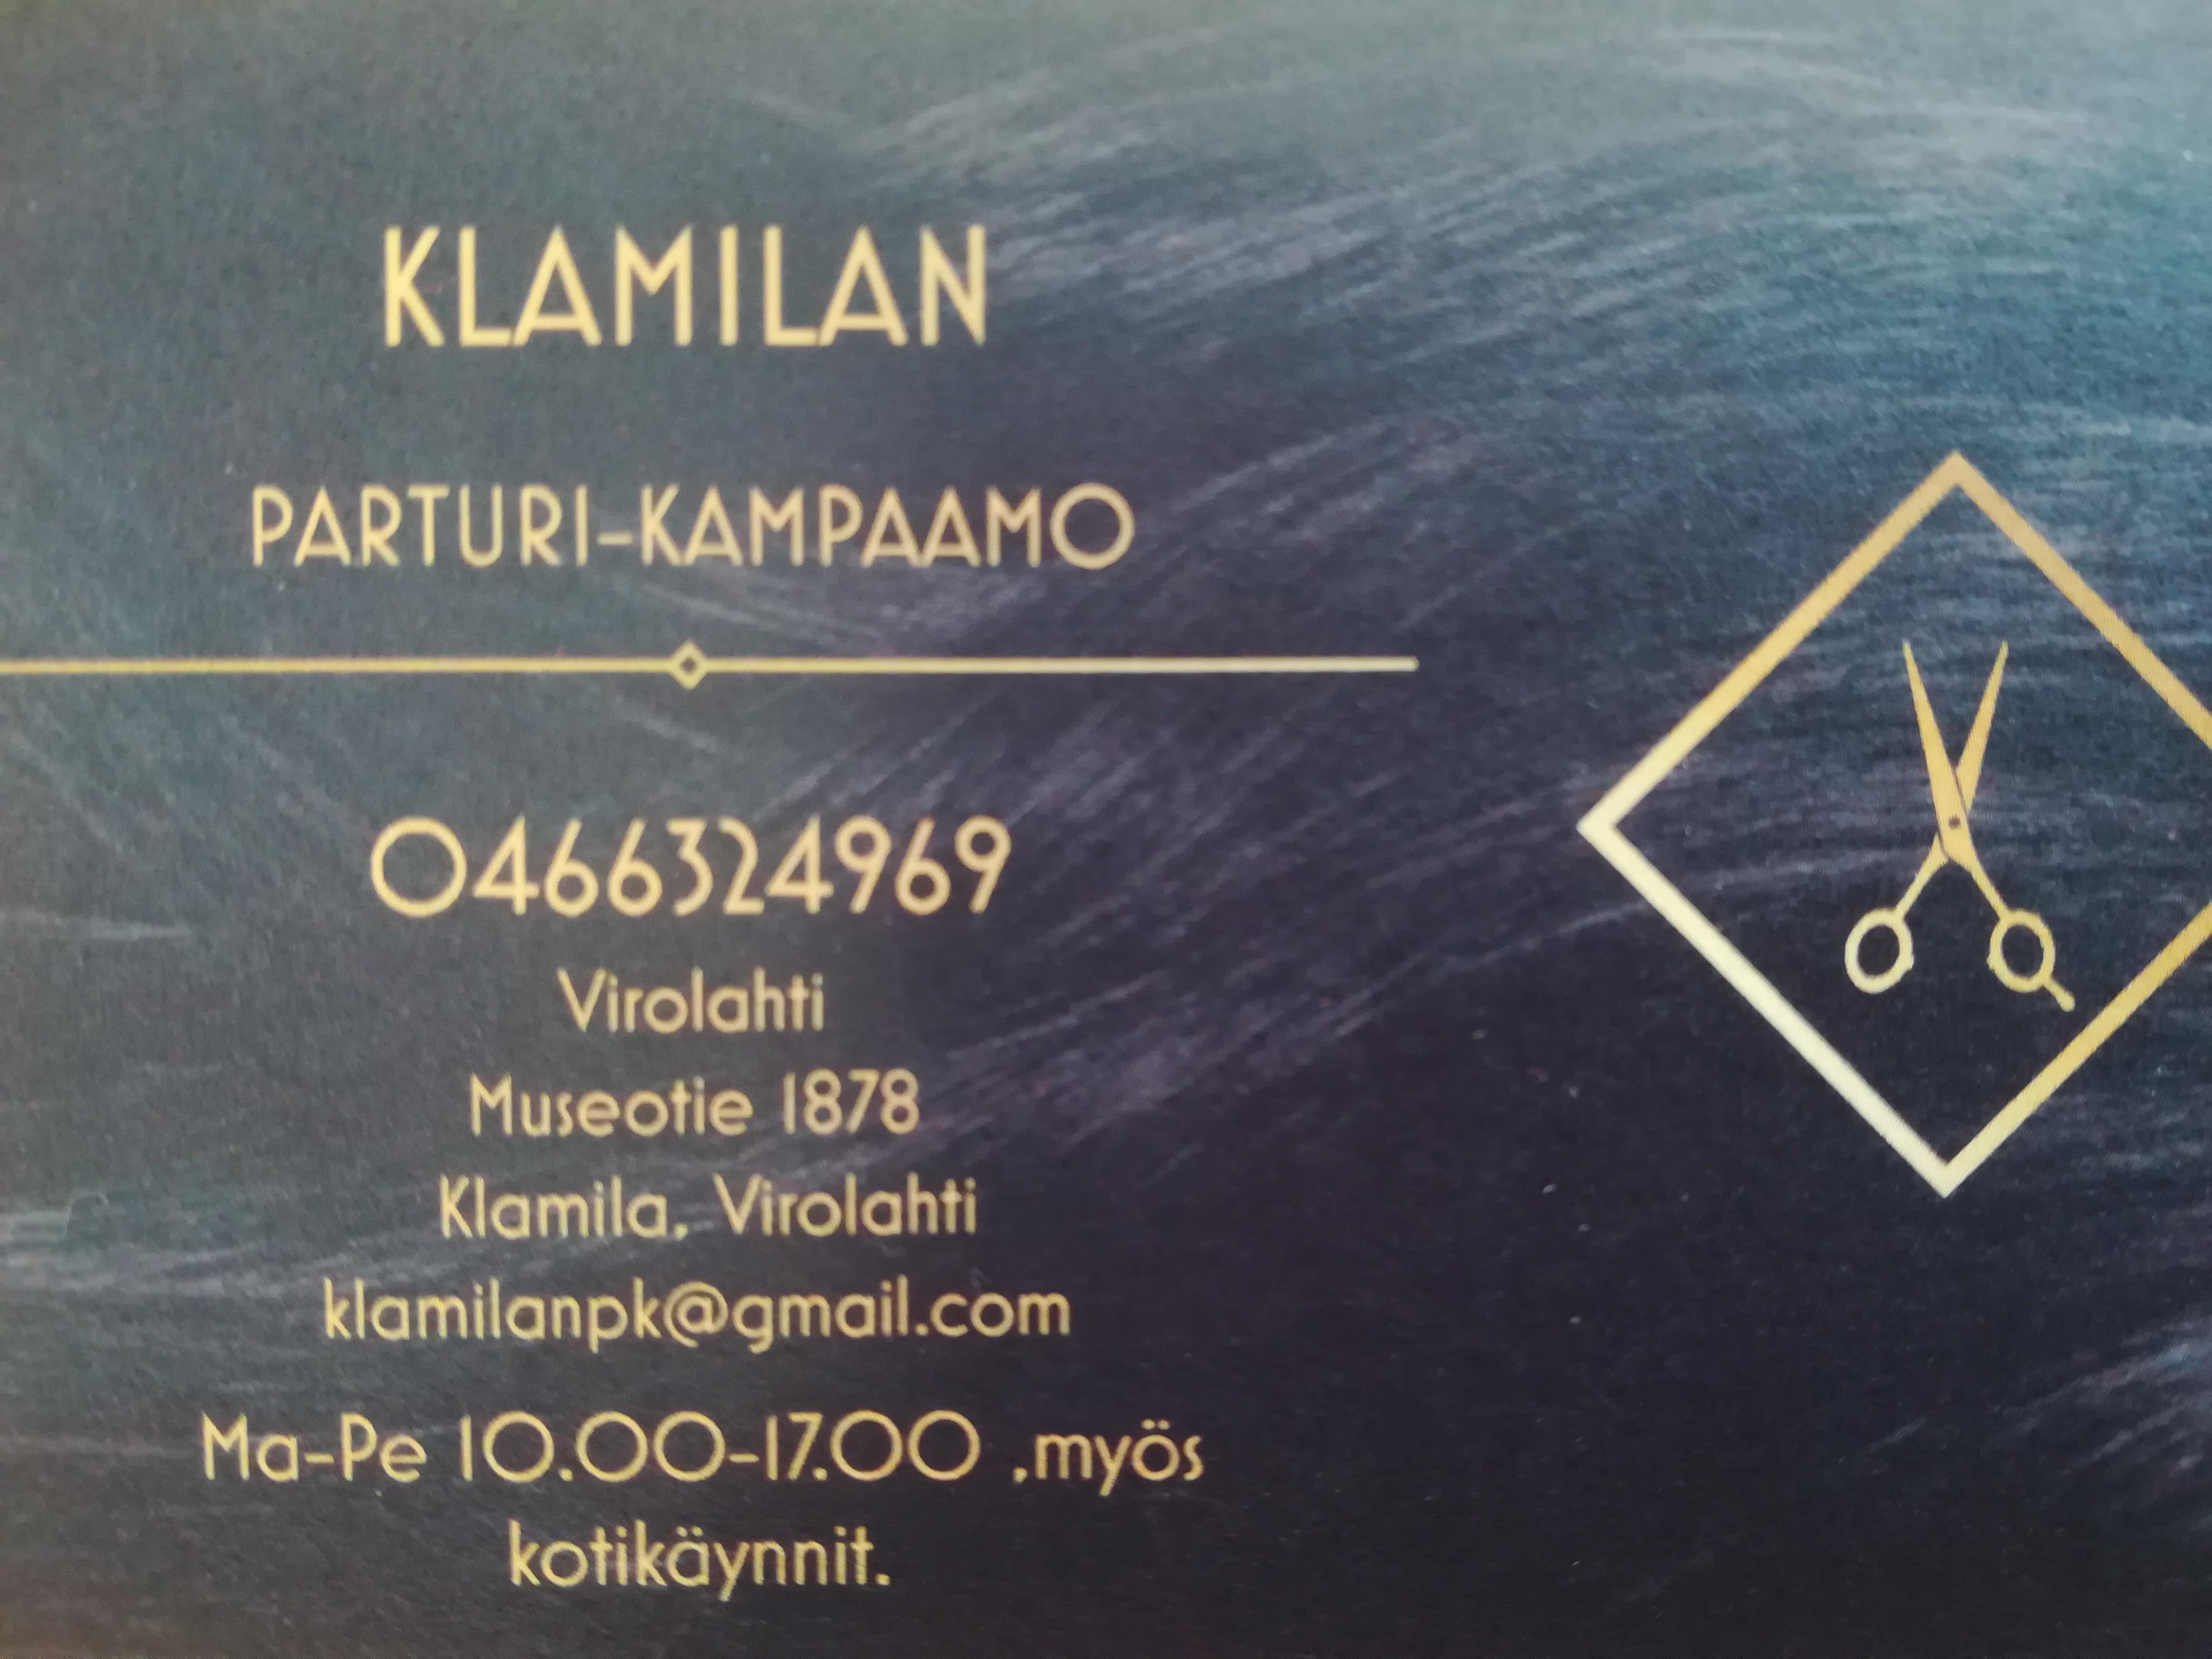 Klamilan Parturi-Kampaamo